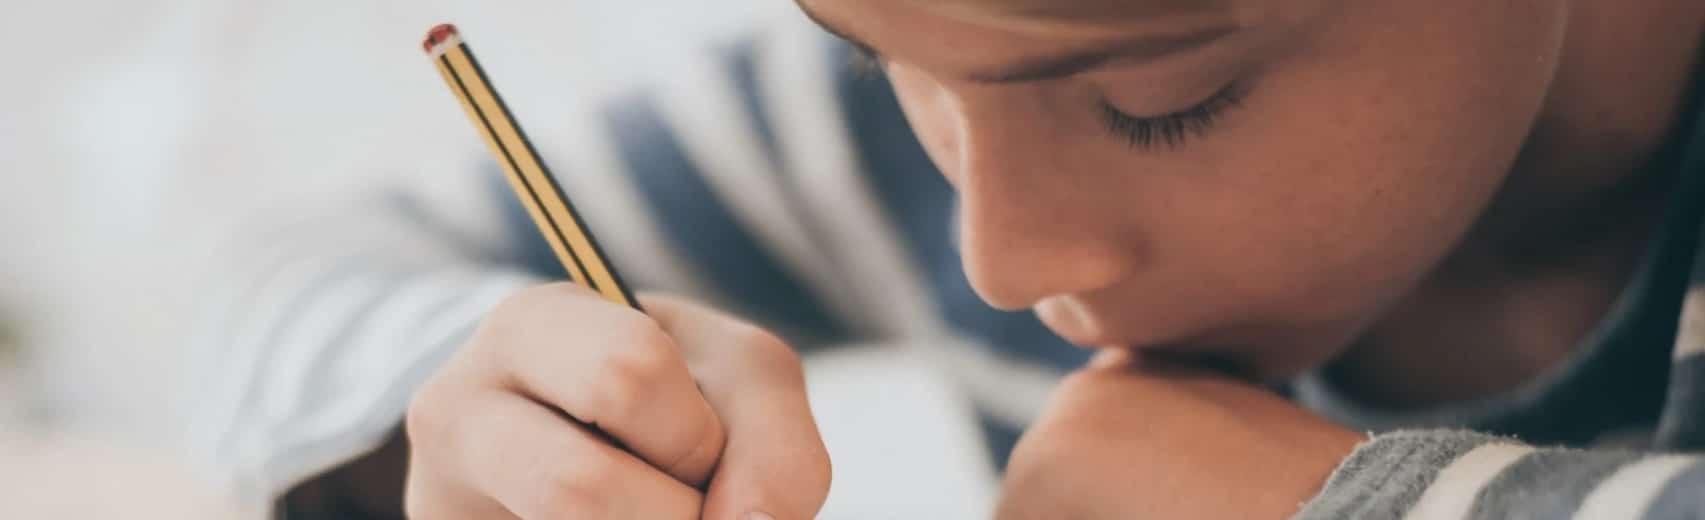 Ecole Bilingue Chardin - Ecole Elementaire